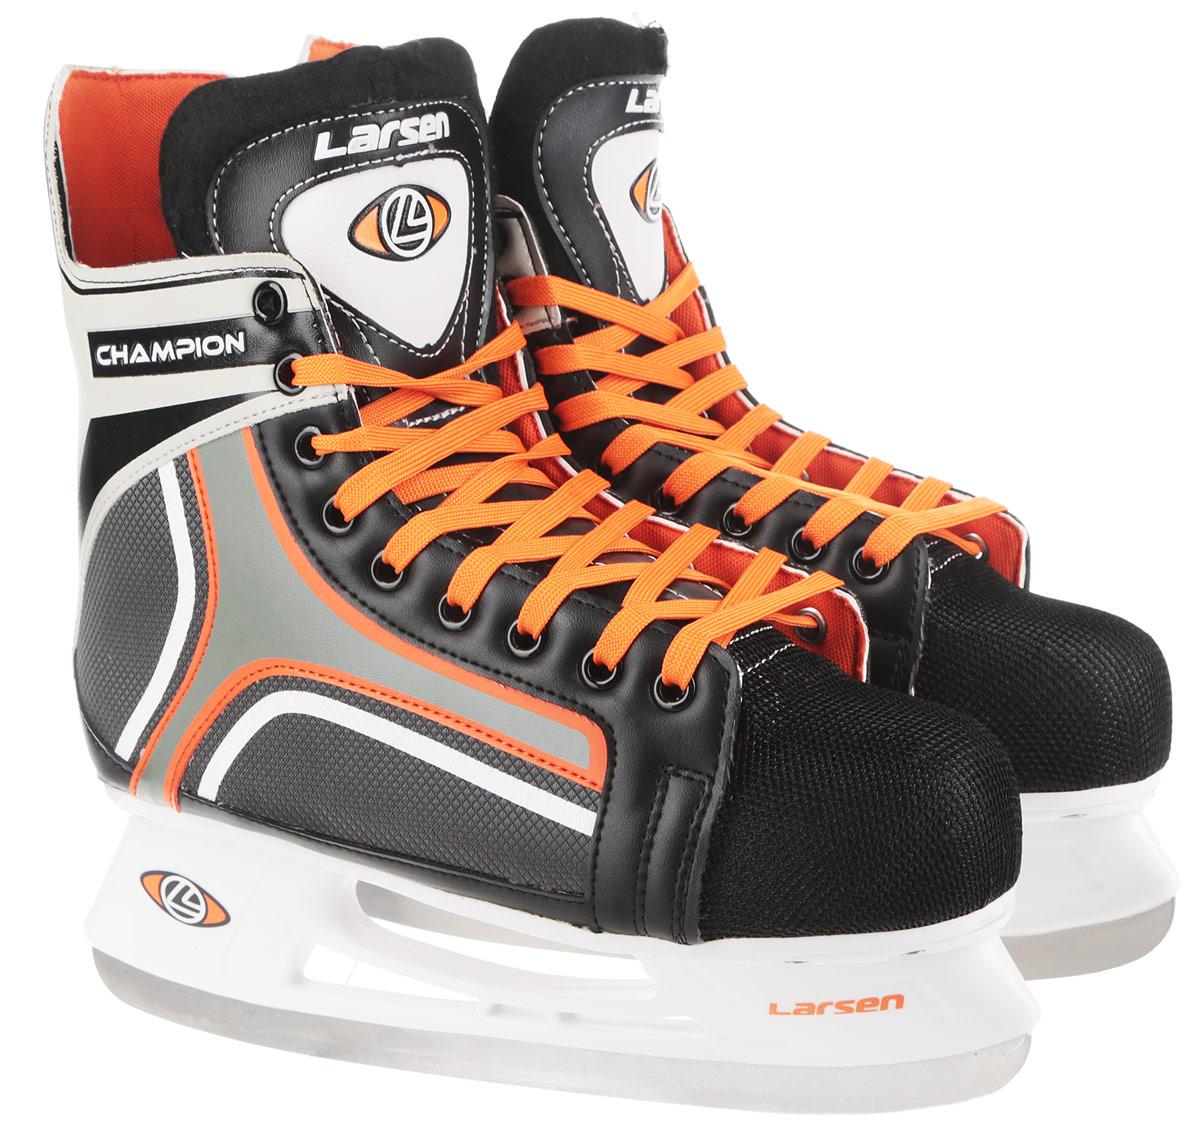 Коньки хоккейные мужские ChampionChampionСтильные коньки Champion от Larsen прекрасно подойдут для начинающих игроков в хоккей. Ботинок выполнен из морозоустойчивого поливинилхлорида. Мыс дополнен вставкой из полипропилена, покрытого сетчатым нейлоном, которая защитит ноги от ударов. Внутренний слой изготовлен из мягкого текстиля, который обеспечит тепло и комфорт во время катания, язычок - из войлока. Плотная шнуровка надежно фиксирует модель на ноге. Голеностоп имеет удобный суппорт. Стелька из EVA с текстильной поверхностью обеспечит комфортное катание. Стойка выполнена из ударопрочного полипропилена. Лезвие из нержавеющей стали обеспечит превосходное скольжение. В комплект входят пластиковые чехлы для лезвий. Температура использования до -20°С.